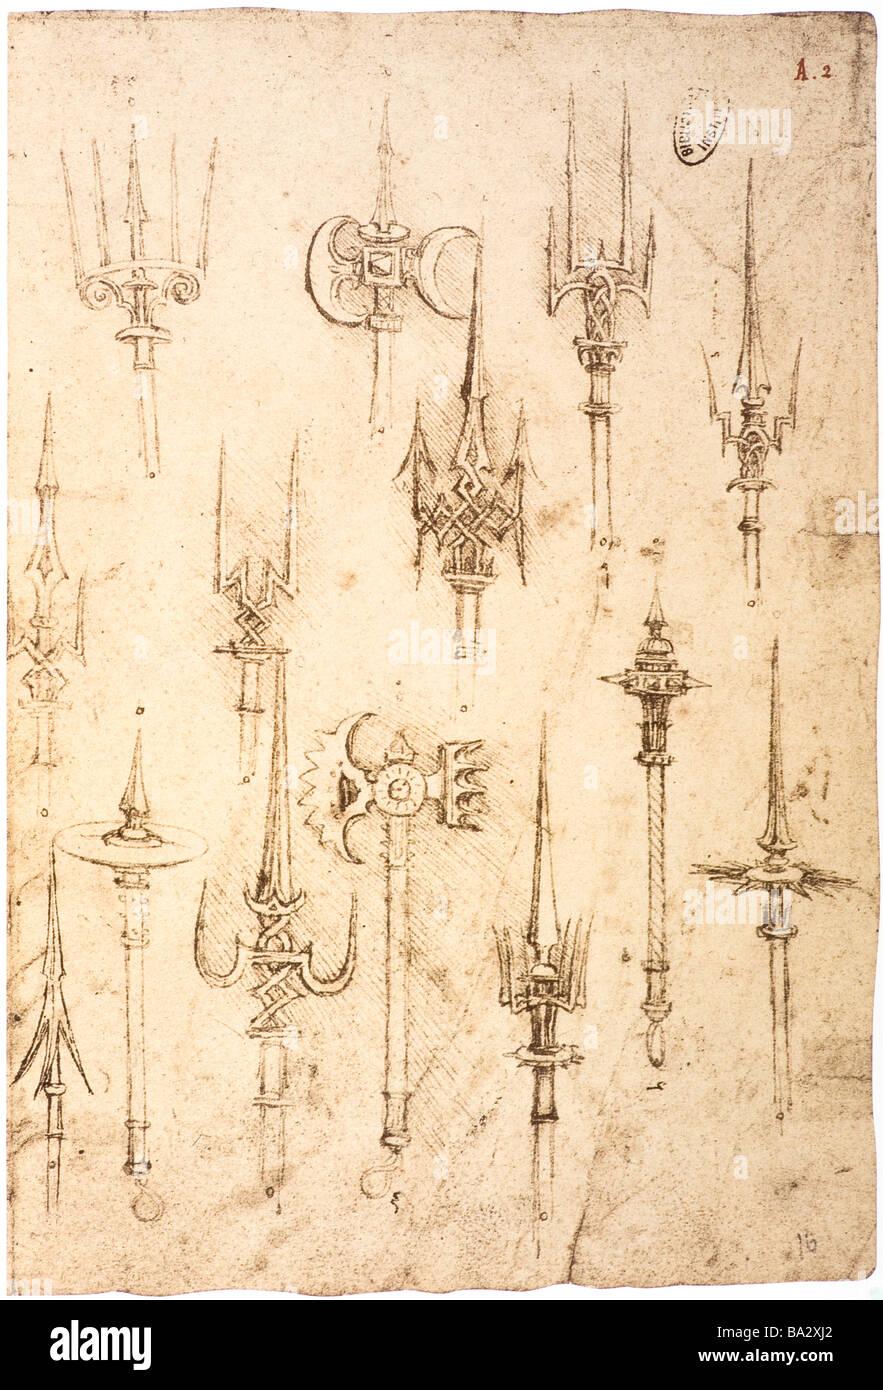 Studie von Hellebarden von Leonardo da Vinci 1487-1490 Feder und Tinte Stockbild